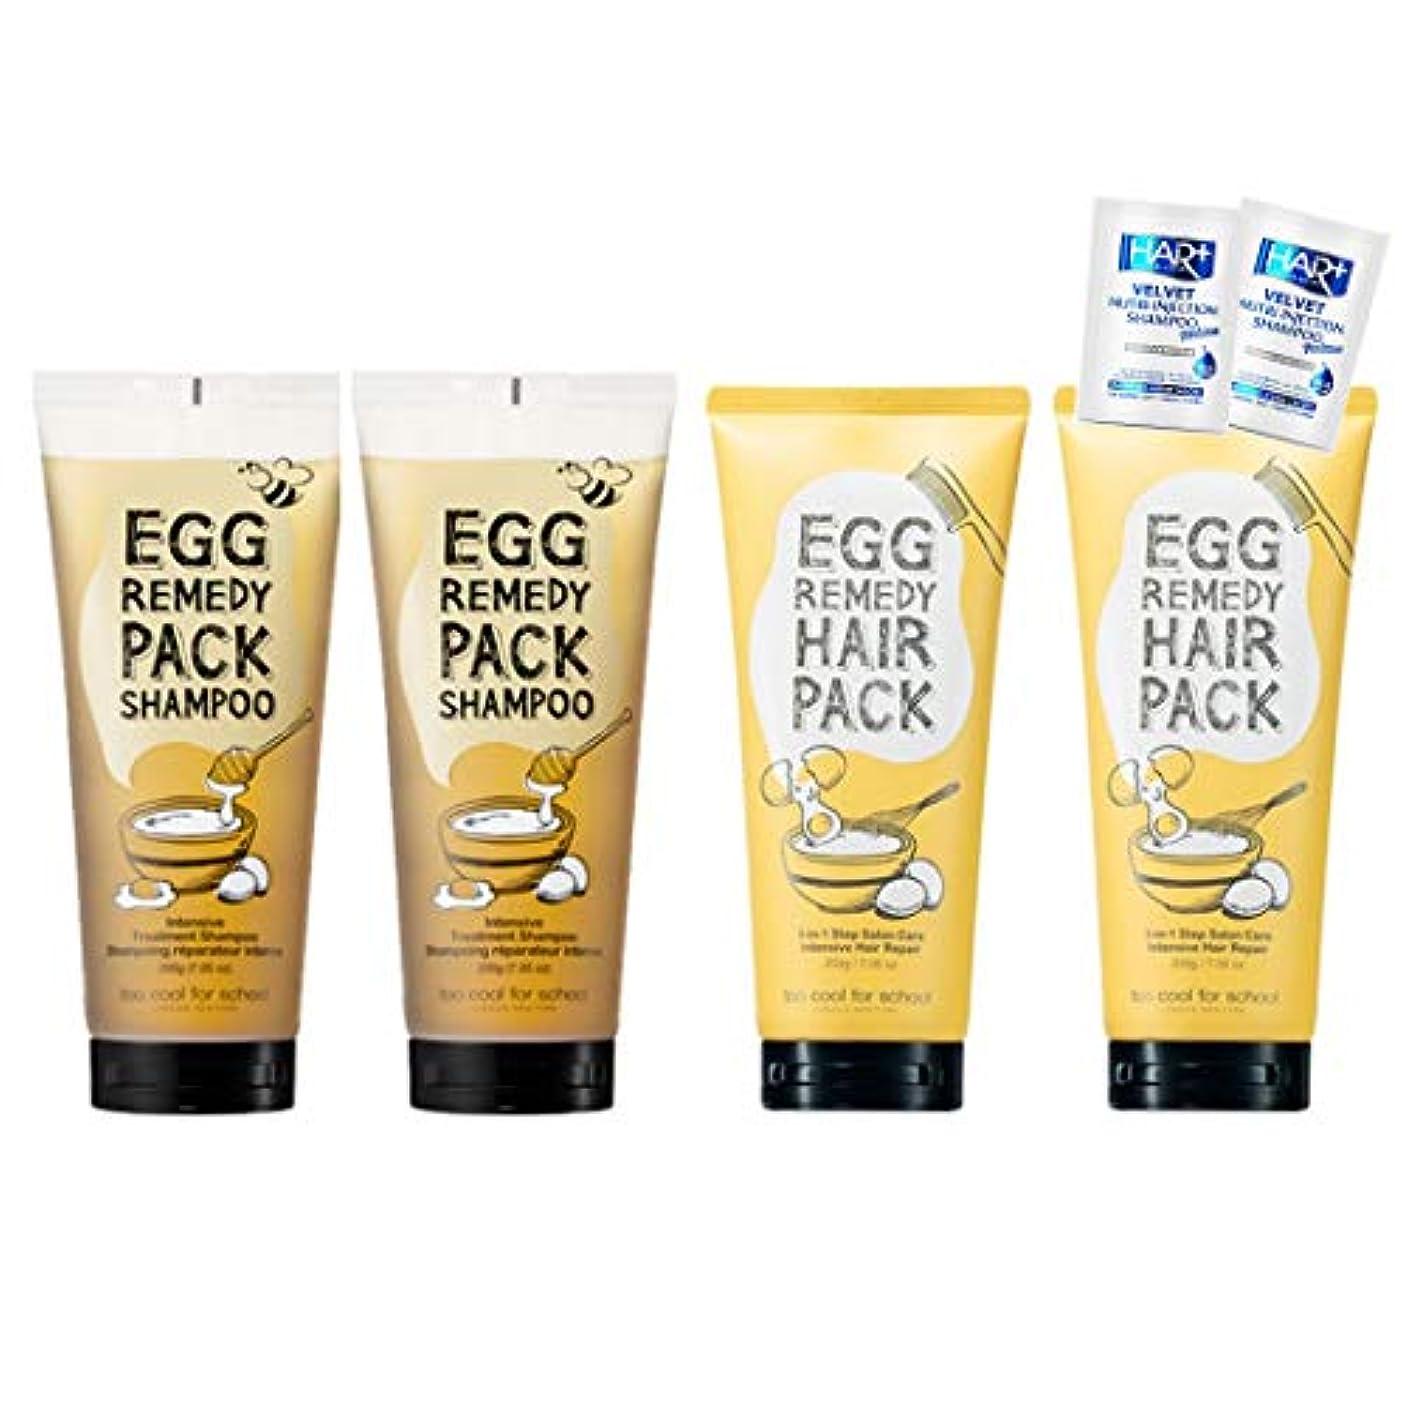 スクラップブック埋め込む摘むトゥークールフォ―スクール(too cool for school)/エッグレミディパックシャンプーtoo cool for school Egg Remedy Pack Shampoo 200ml X 2EA + エッグレミディヘアパック...